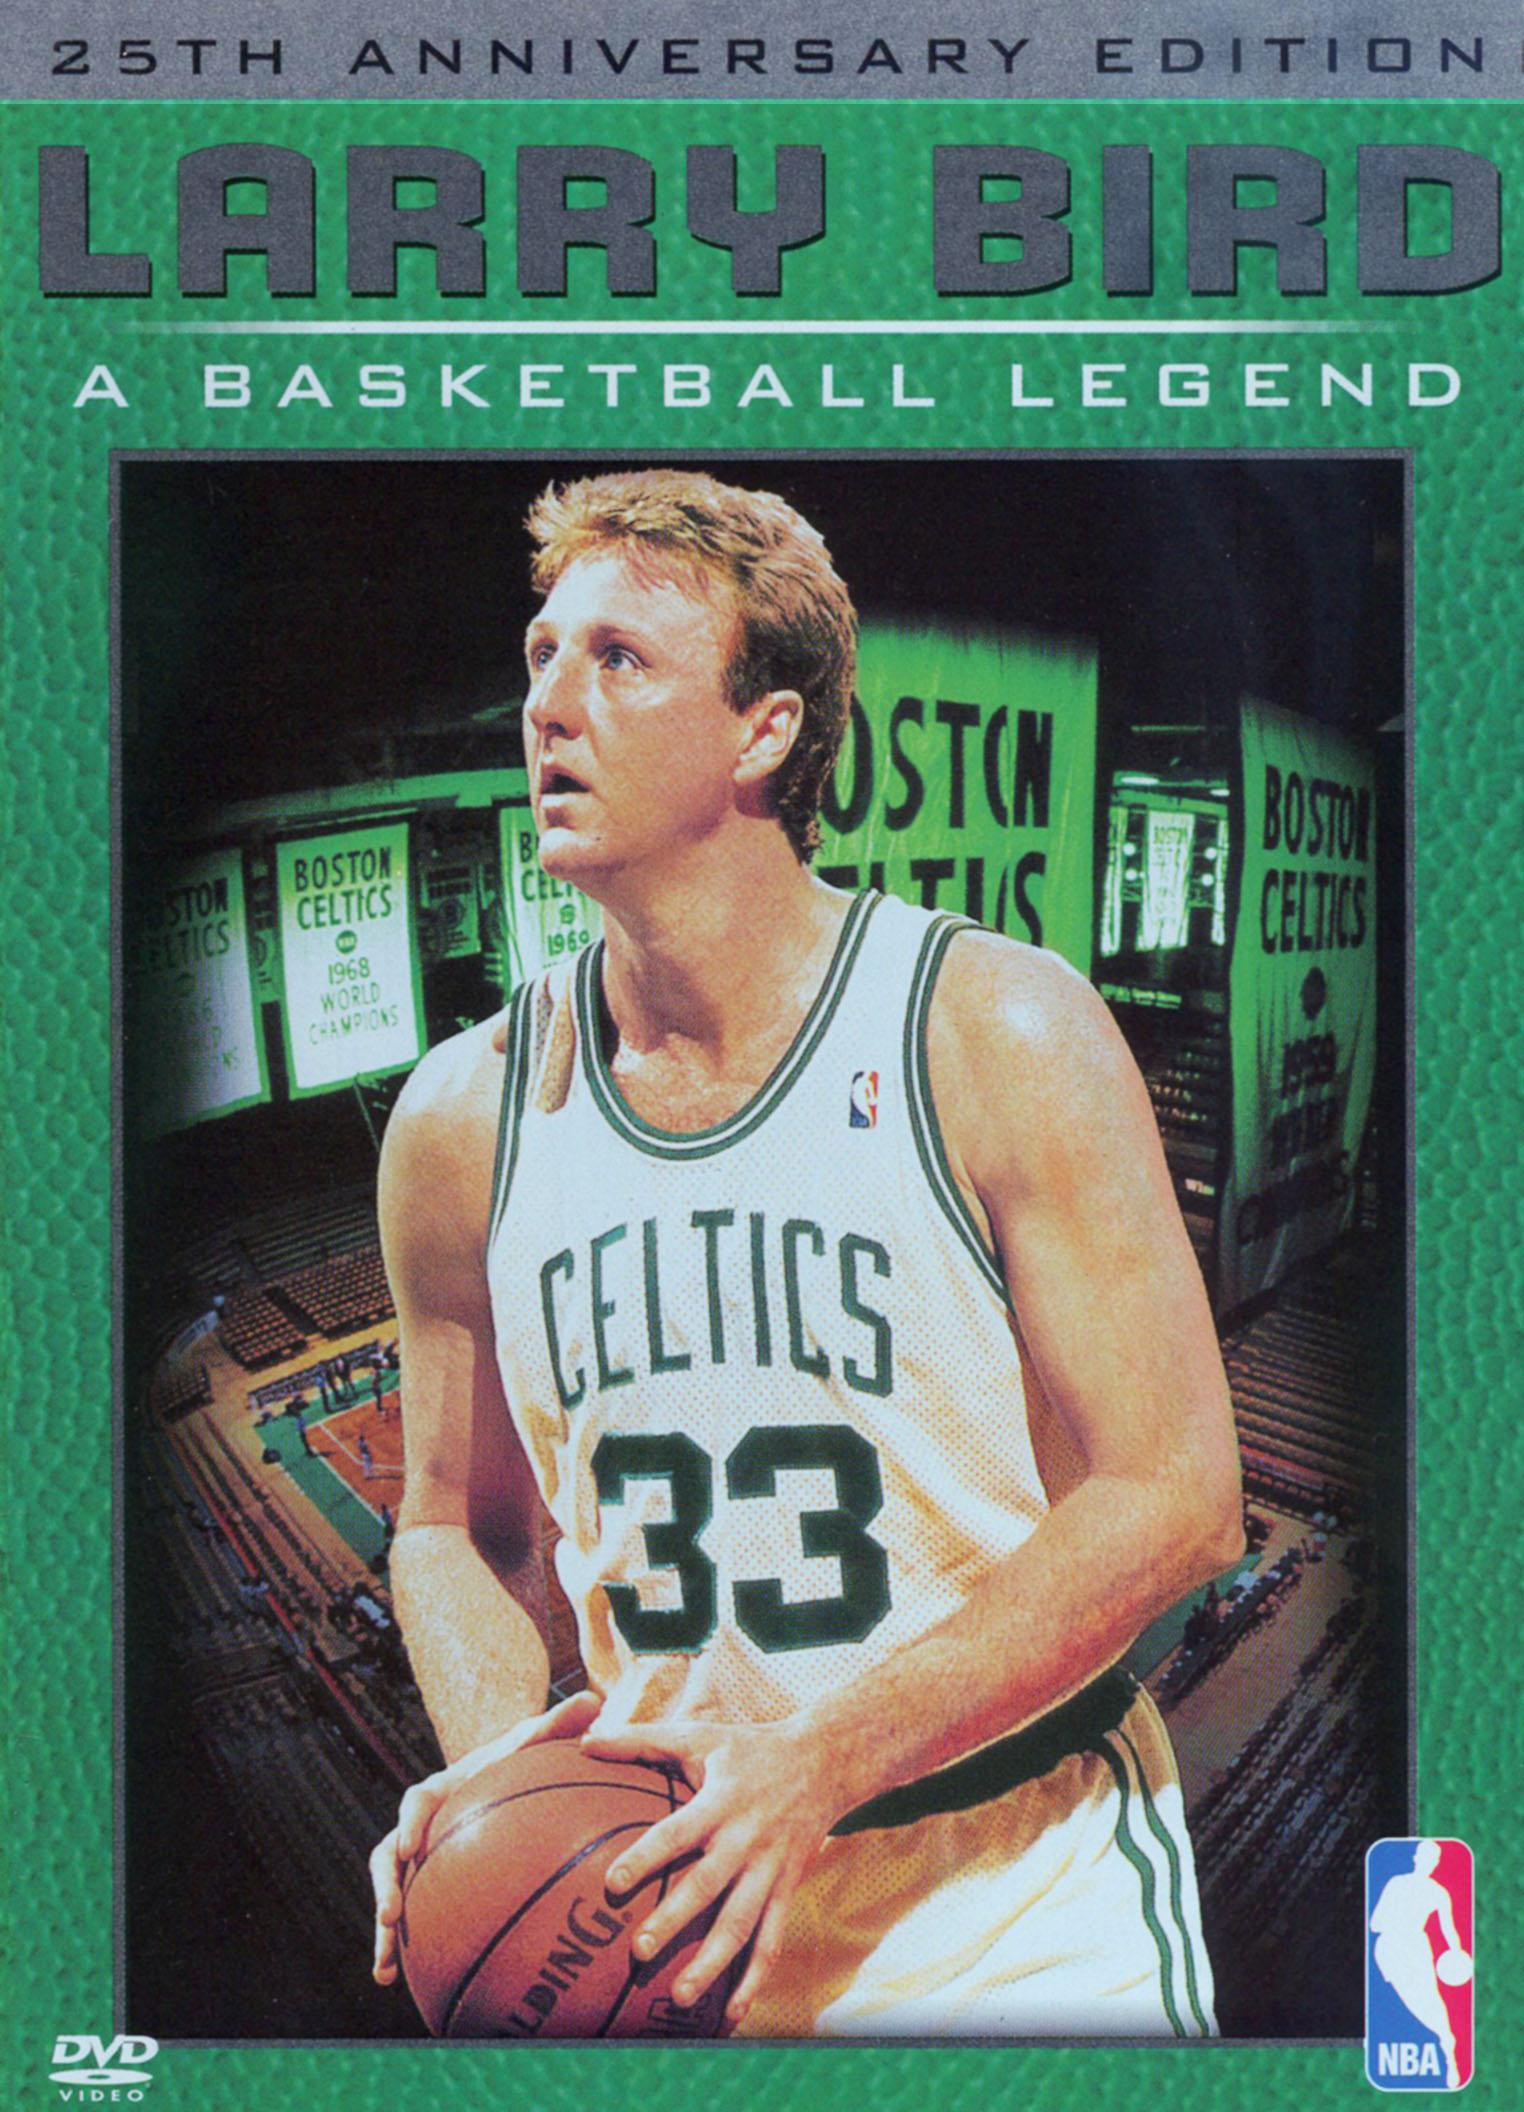 NBA: Larry Bird - A Basketball Legend